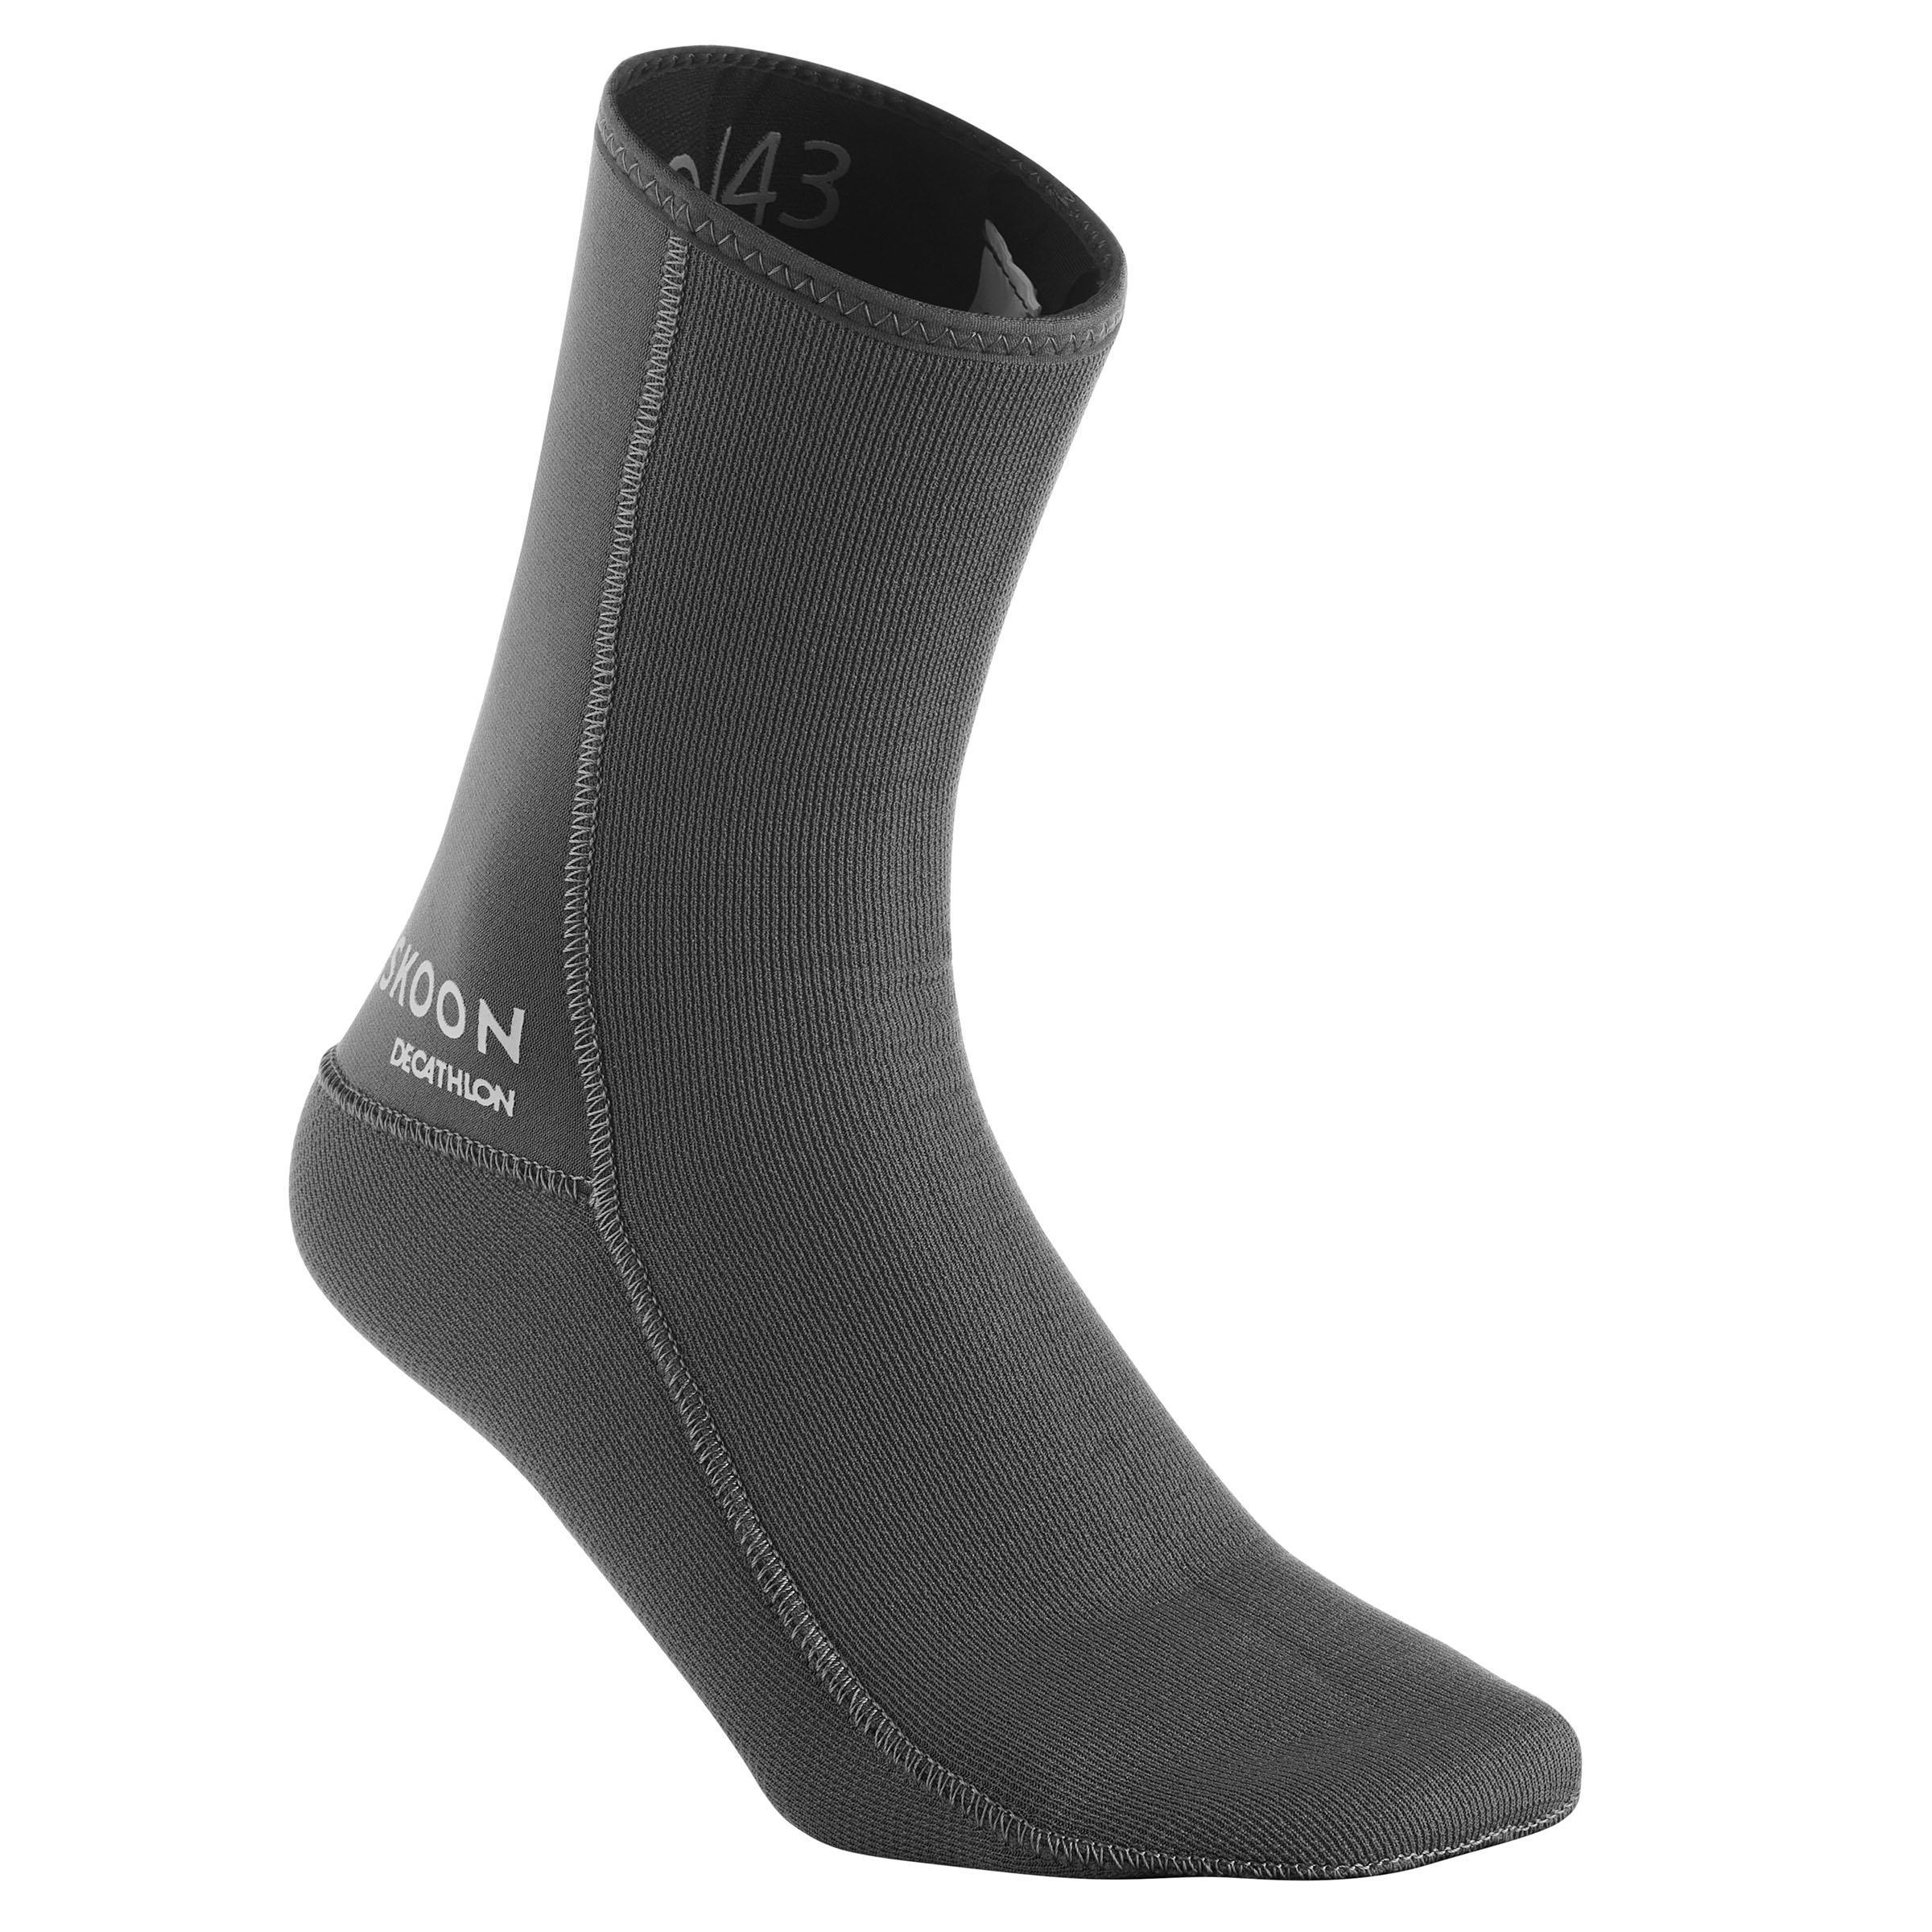 Canyoning-Neoprensocken 3mm Erwachsene | Sportbekleidung > Funktionswäsche > Thermosocken | Maskoon